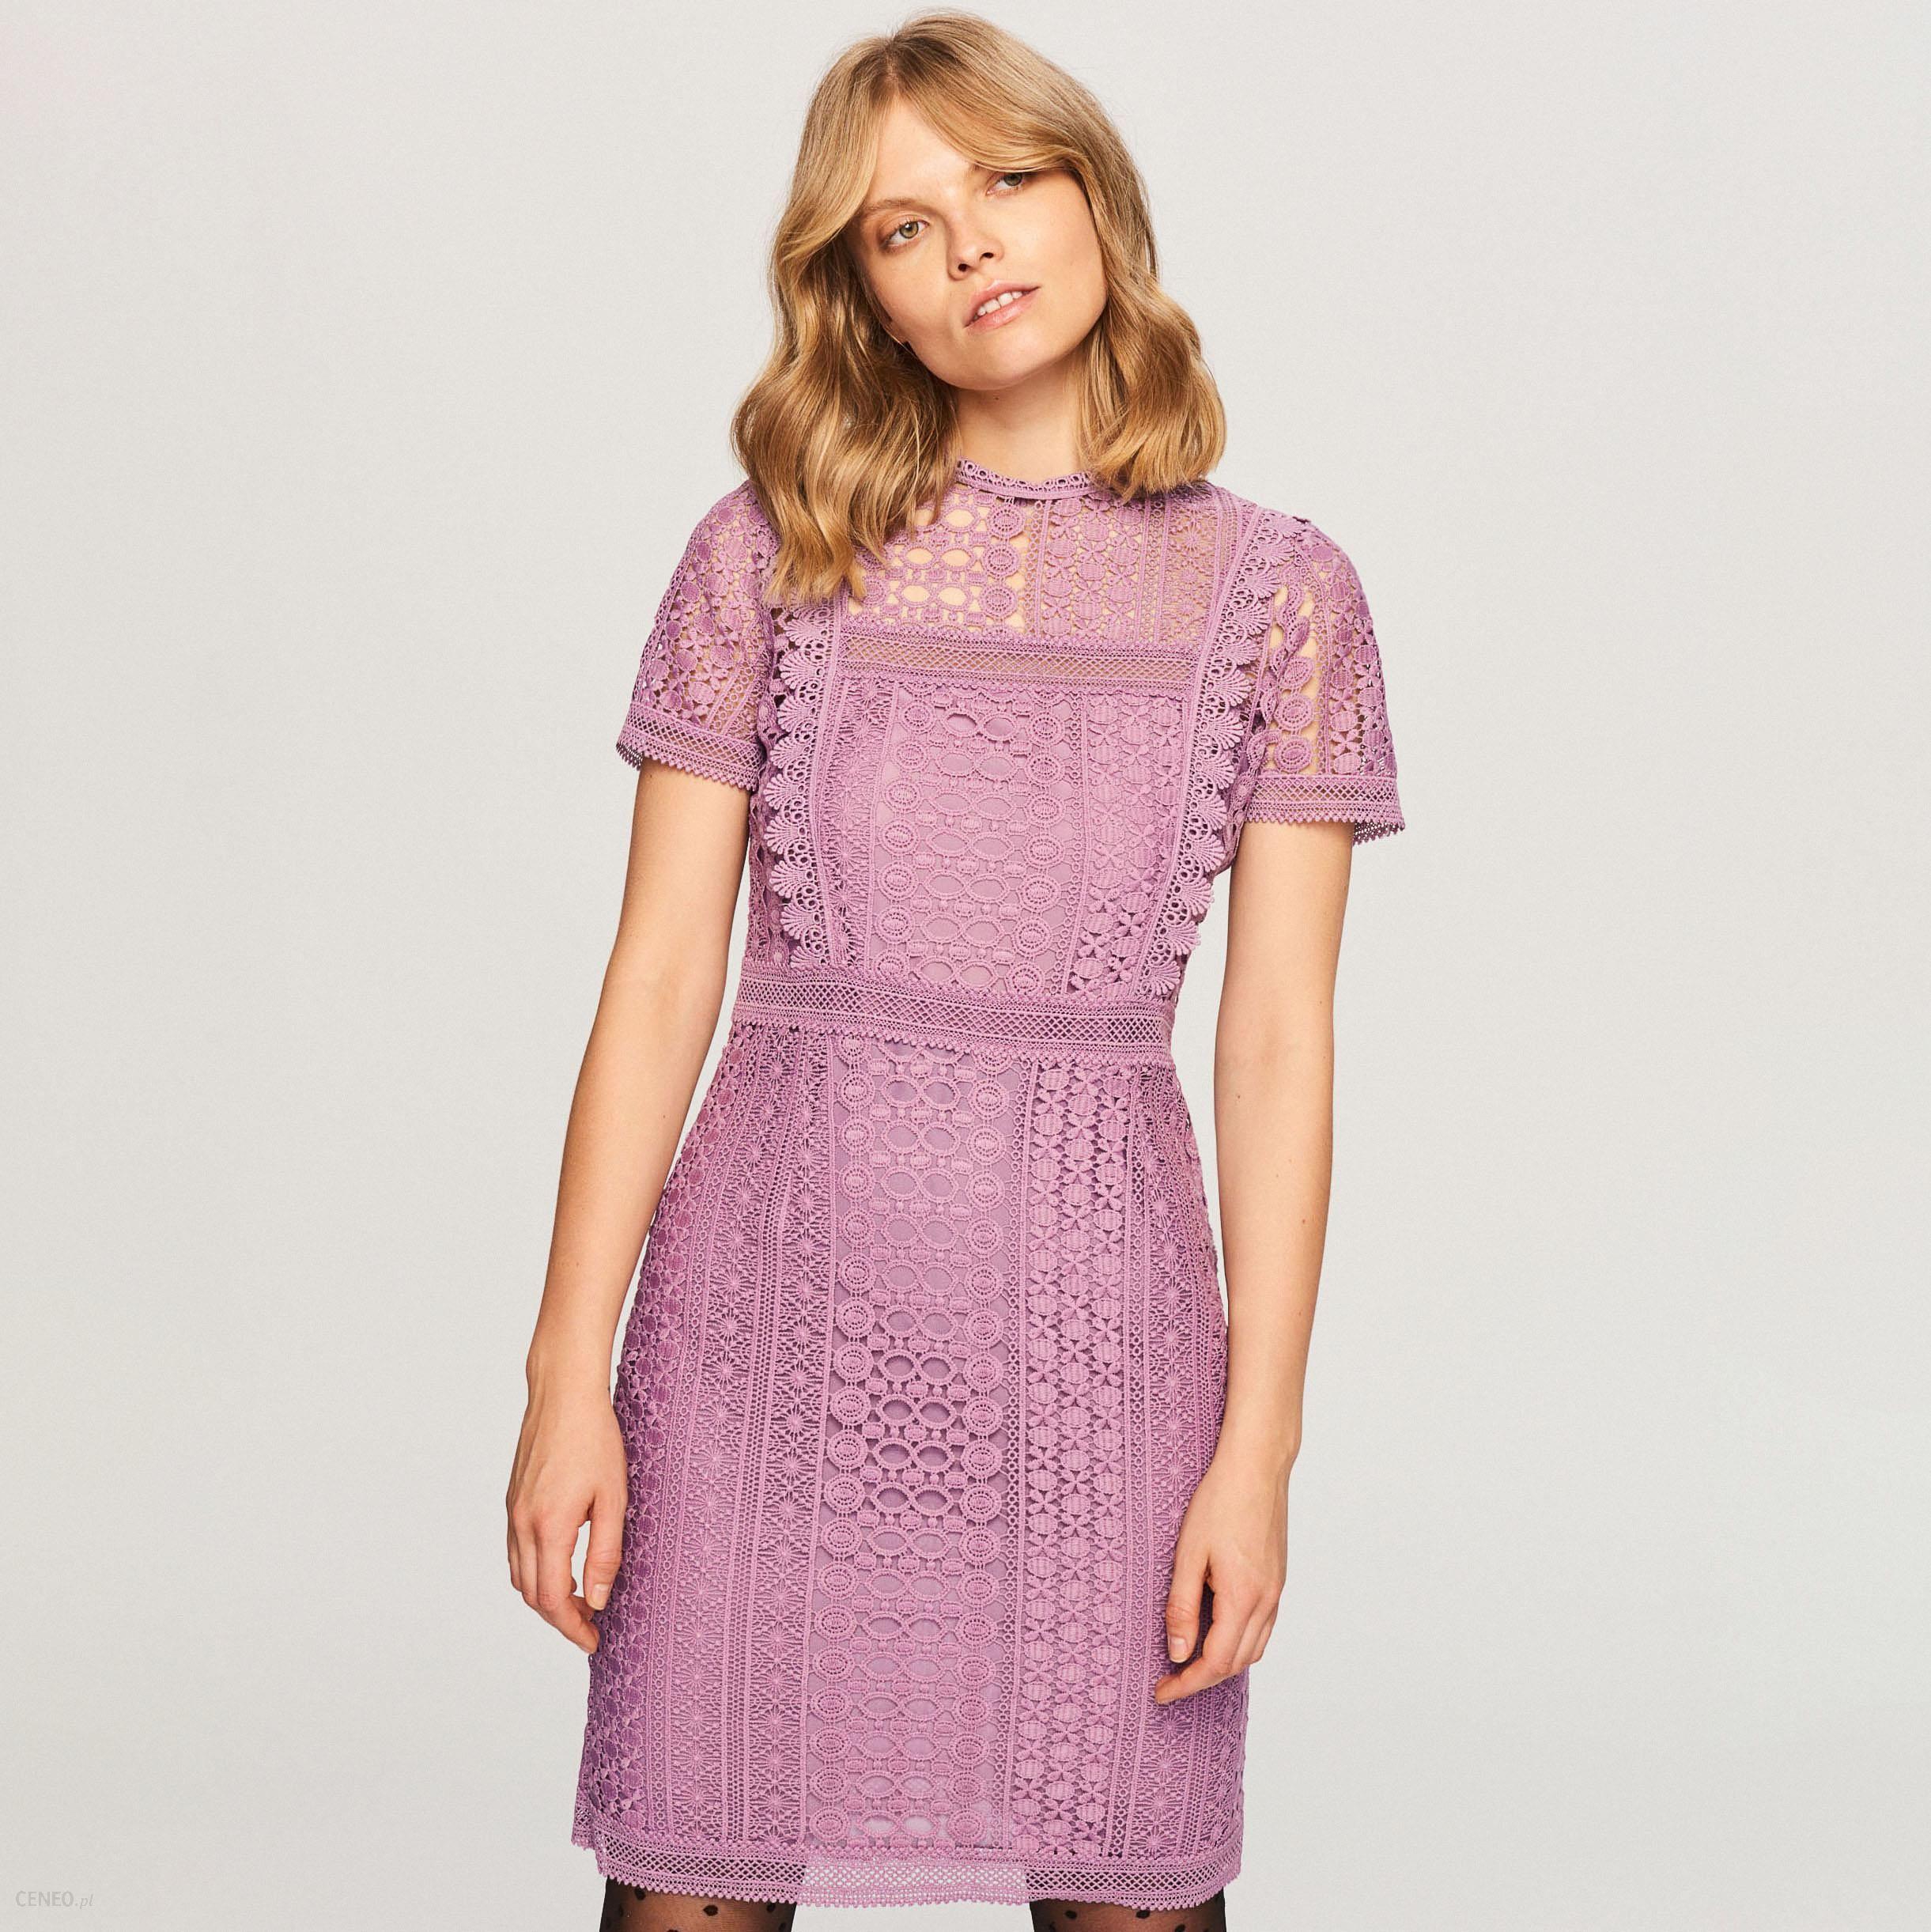 0a718820 Reserved - Koronkowa sukienka - Fioletowy - Ceny i opinie - Ceneo.pl